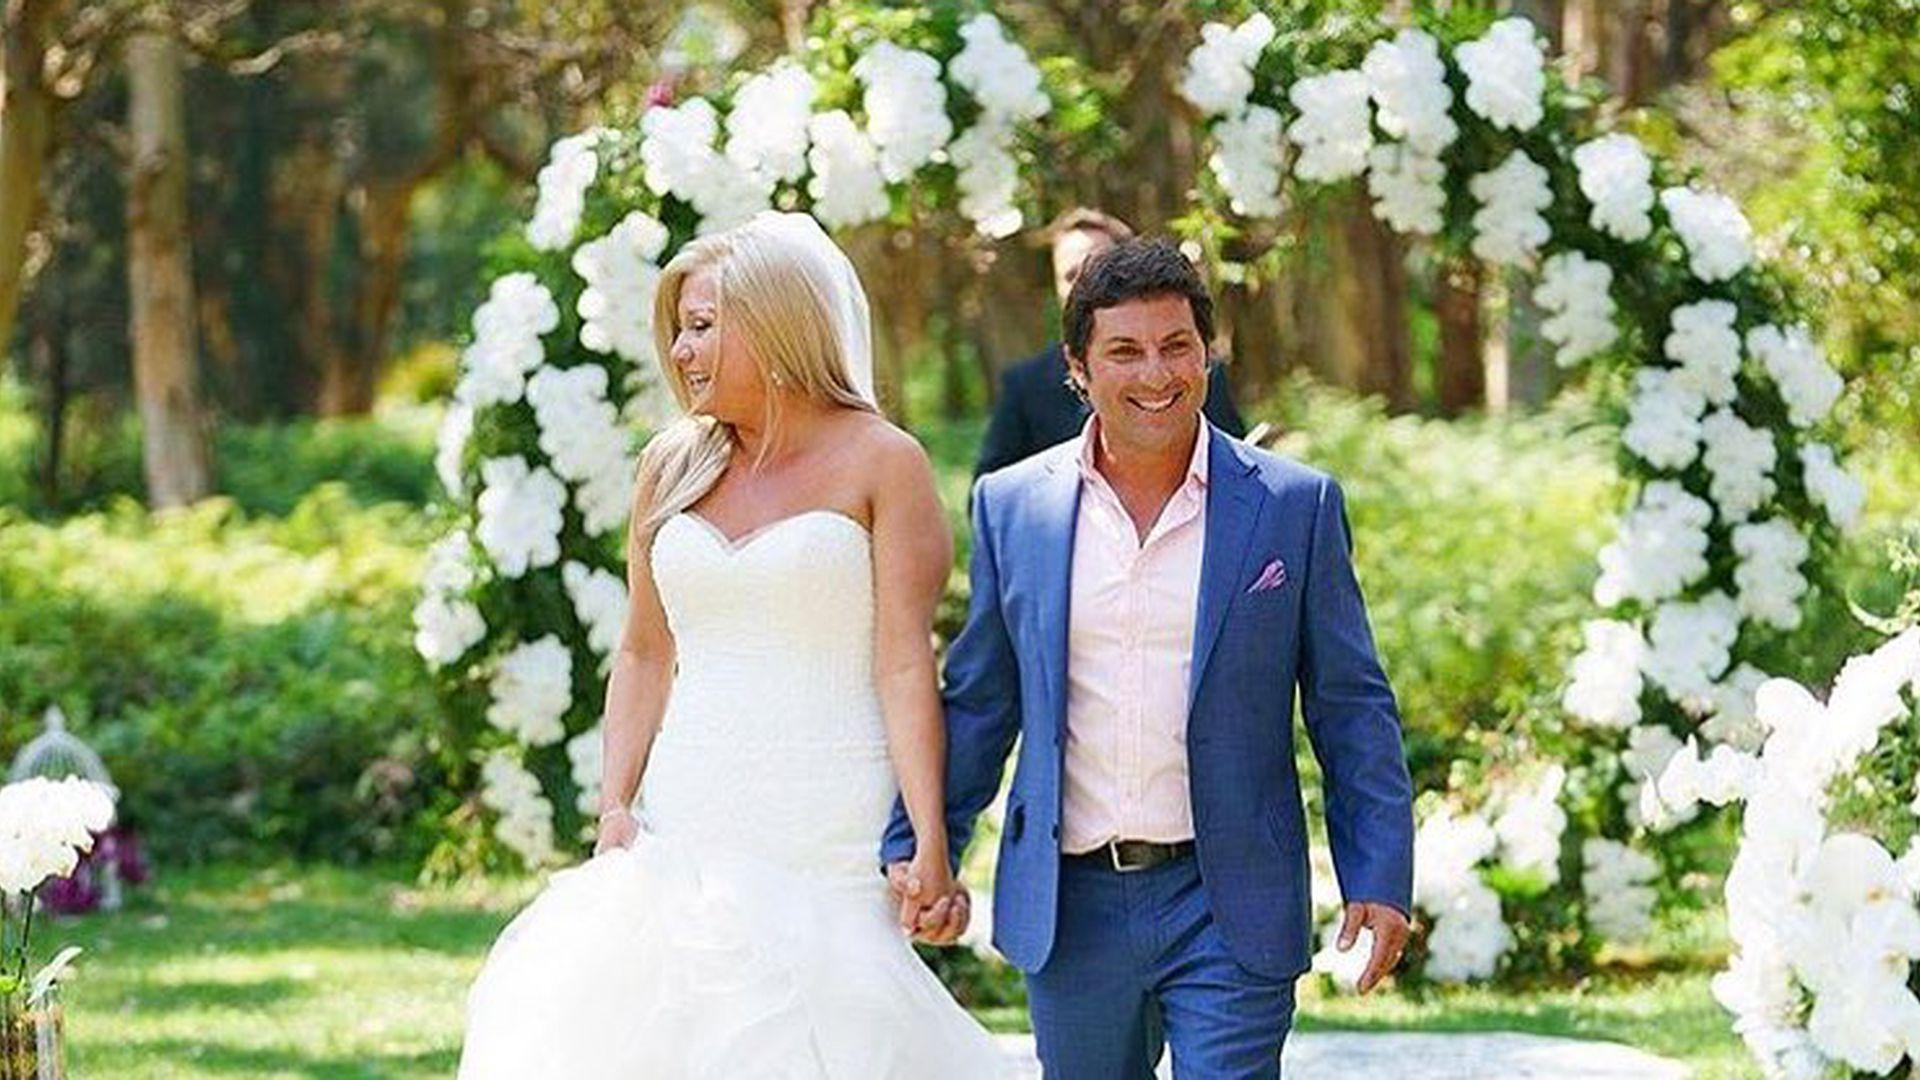 Hochzeit Auf Den Ersten Blick In Australien Dieser Kandidat Hatte